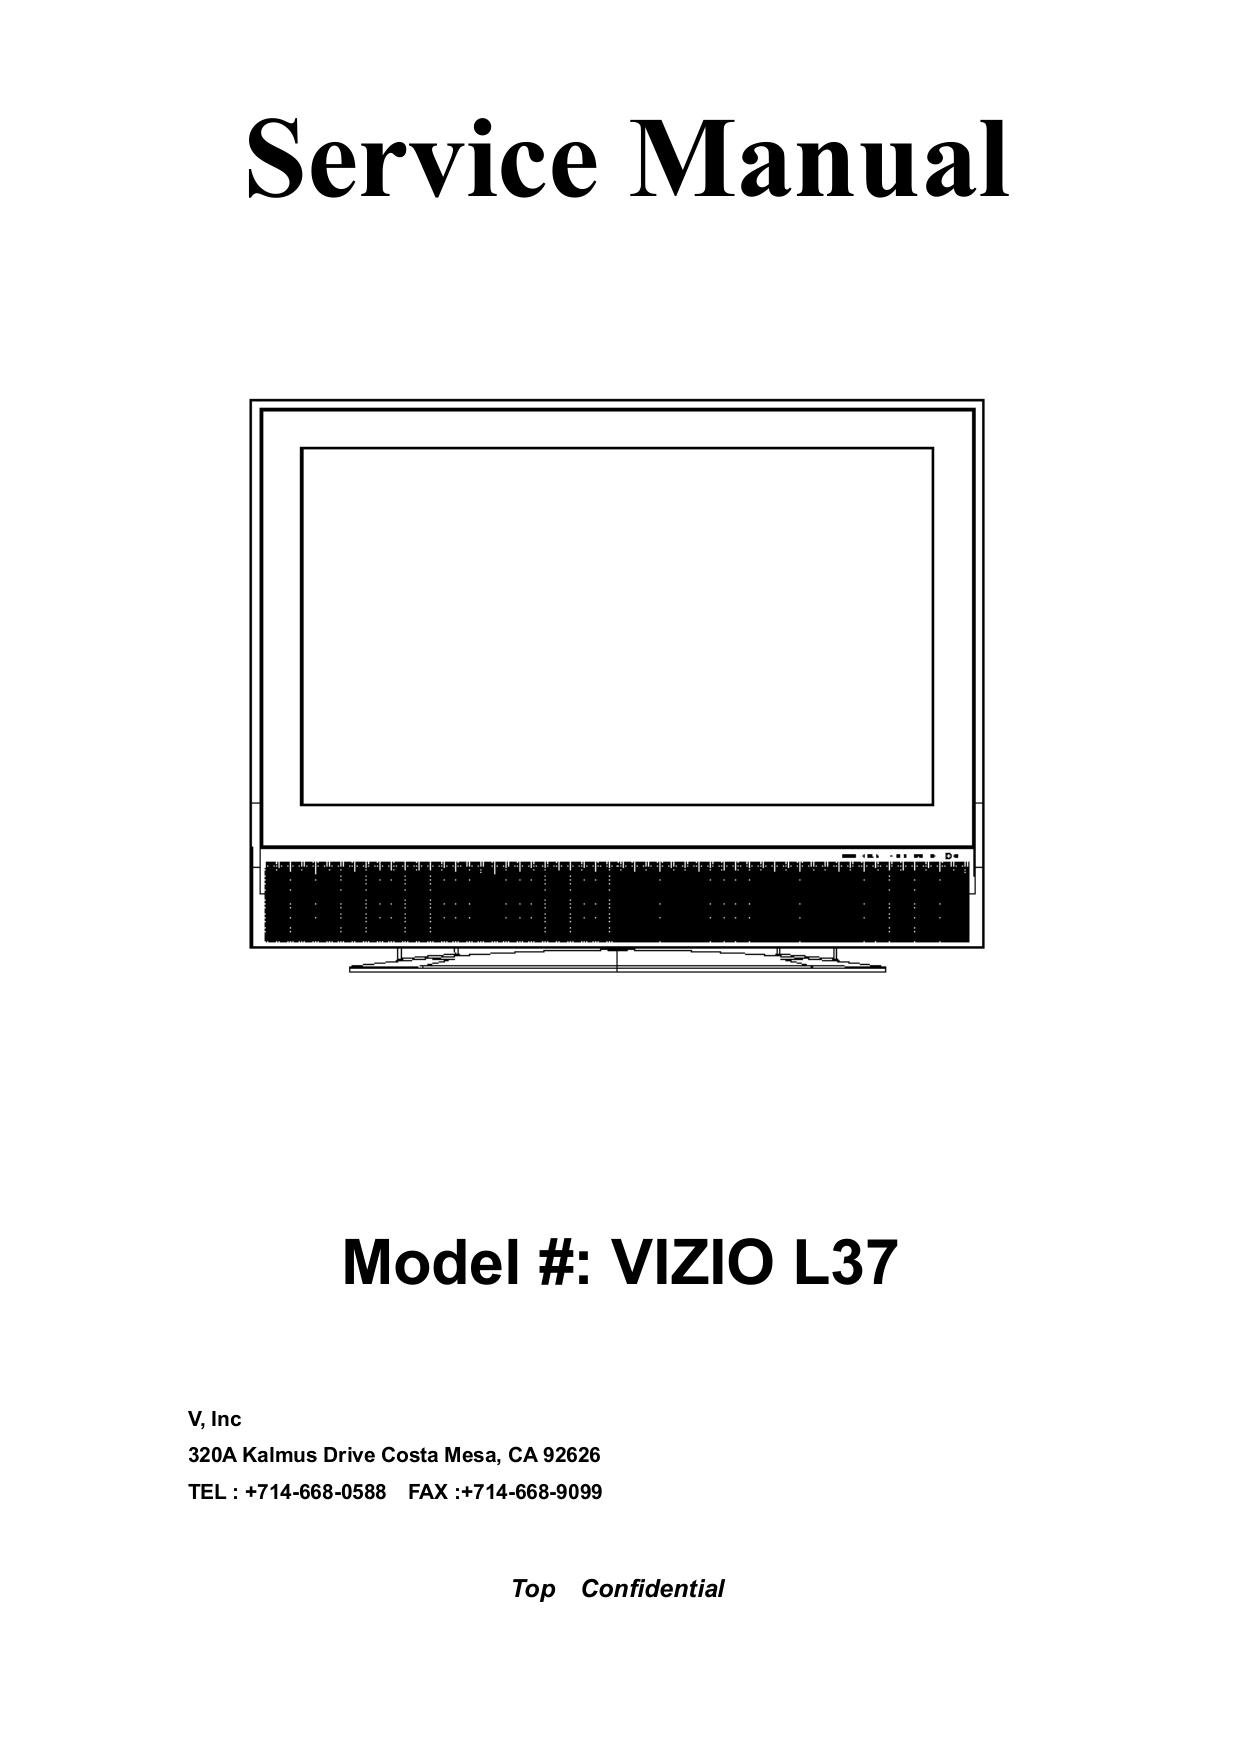 pdf for Vizio TV VP422 manual